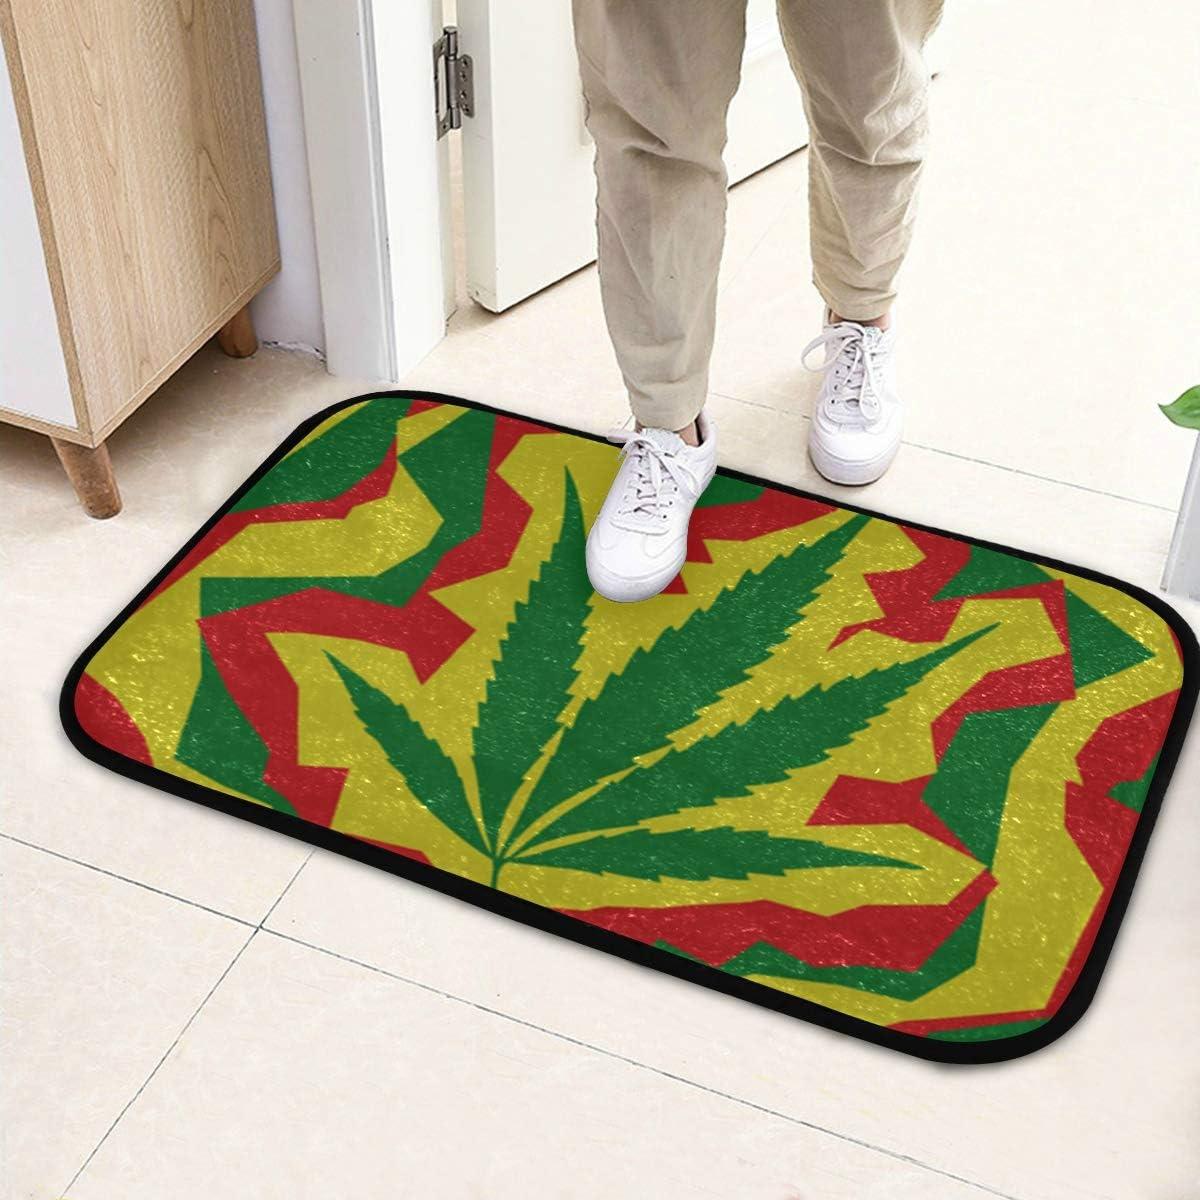 Alfombrilla de cocina Cojín Marihuana Hoja de cannabis Alfombras coloridas para el dormitorio 23.6x15.7 pulgadas ch 60x40cm) microfibra Lavable para jardín Oficina Cocina Comedor Vida Decoración